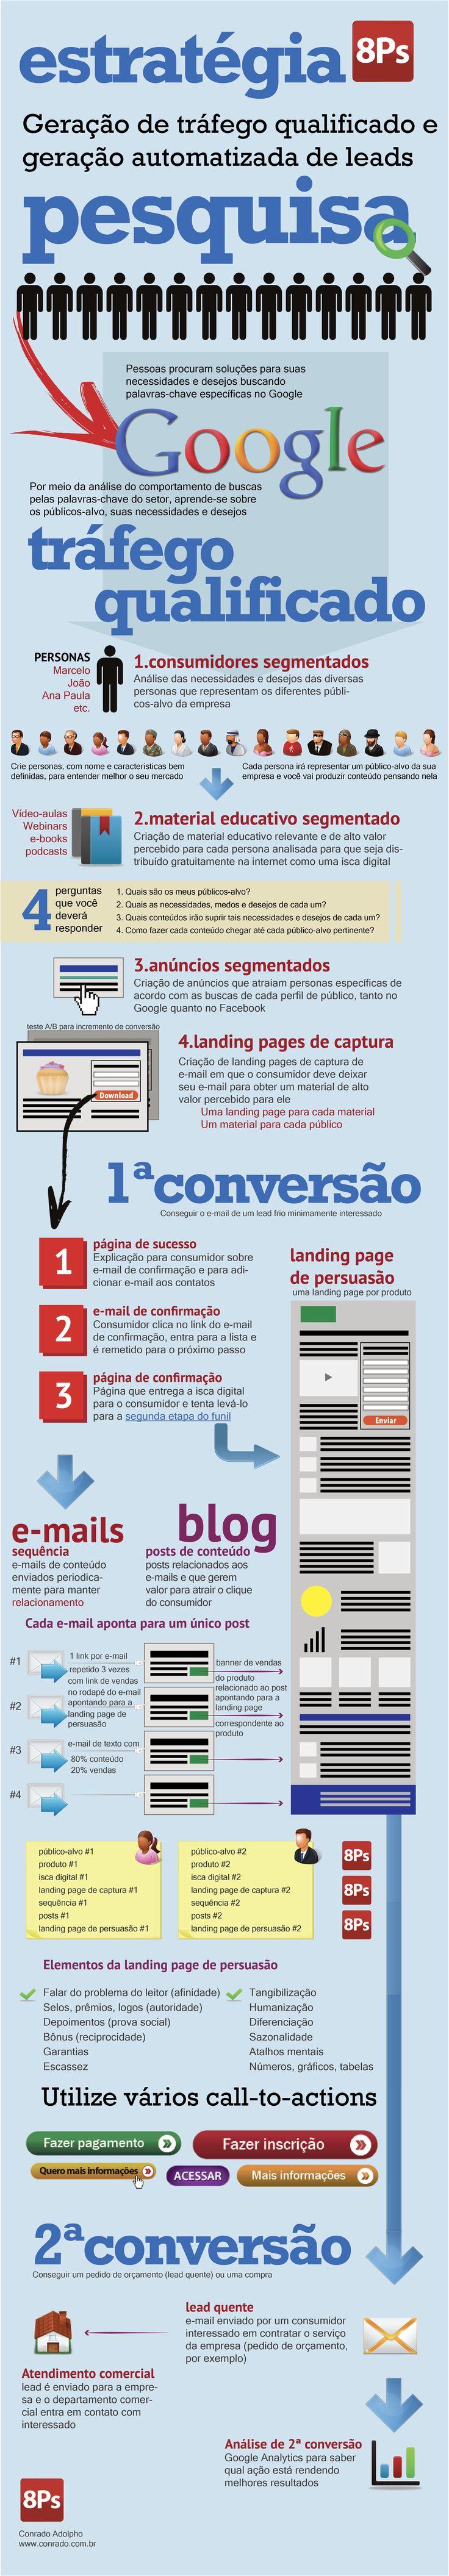 Estratégia de pesquisa: palavras-chaves #infografico http://rmichaeldavies.com